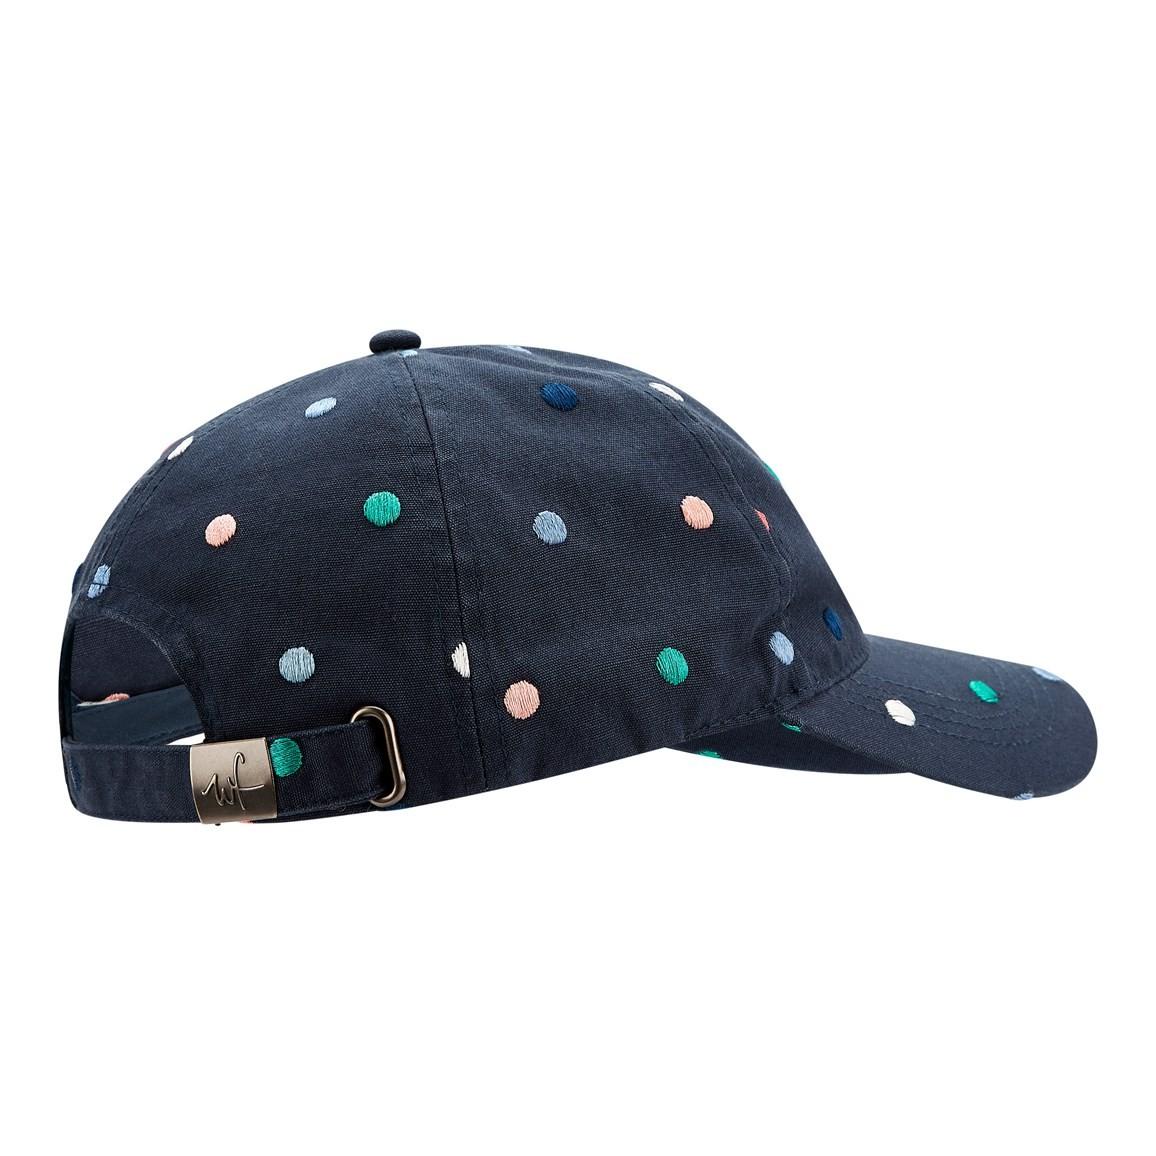 ea6af7628 Alma Polka Dot Embroidered Hat Dark Navy